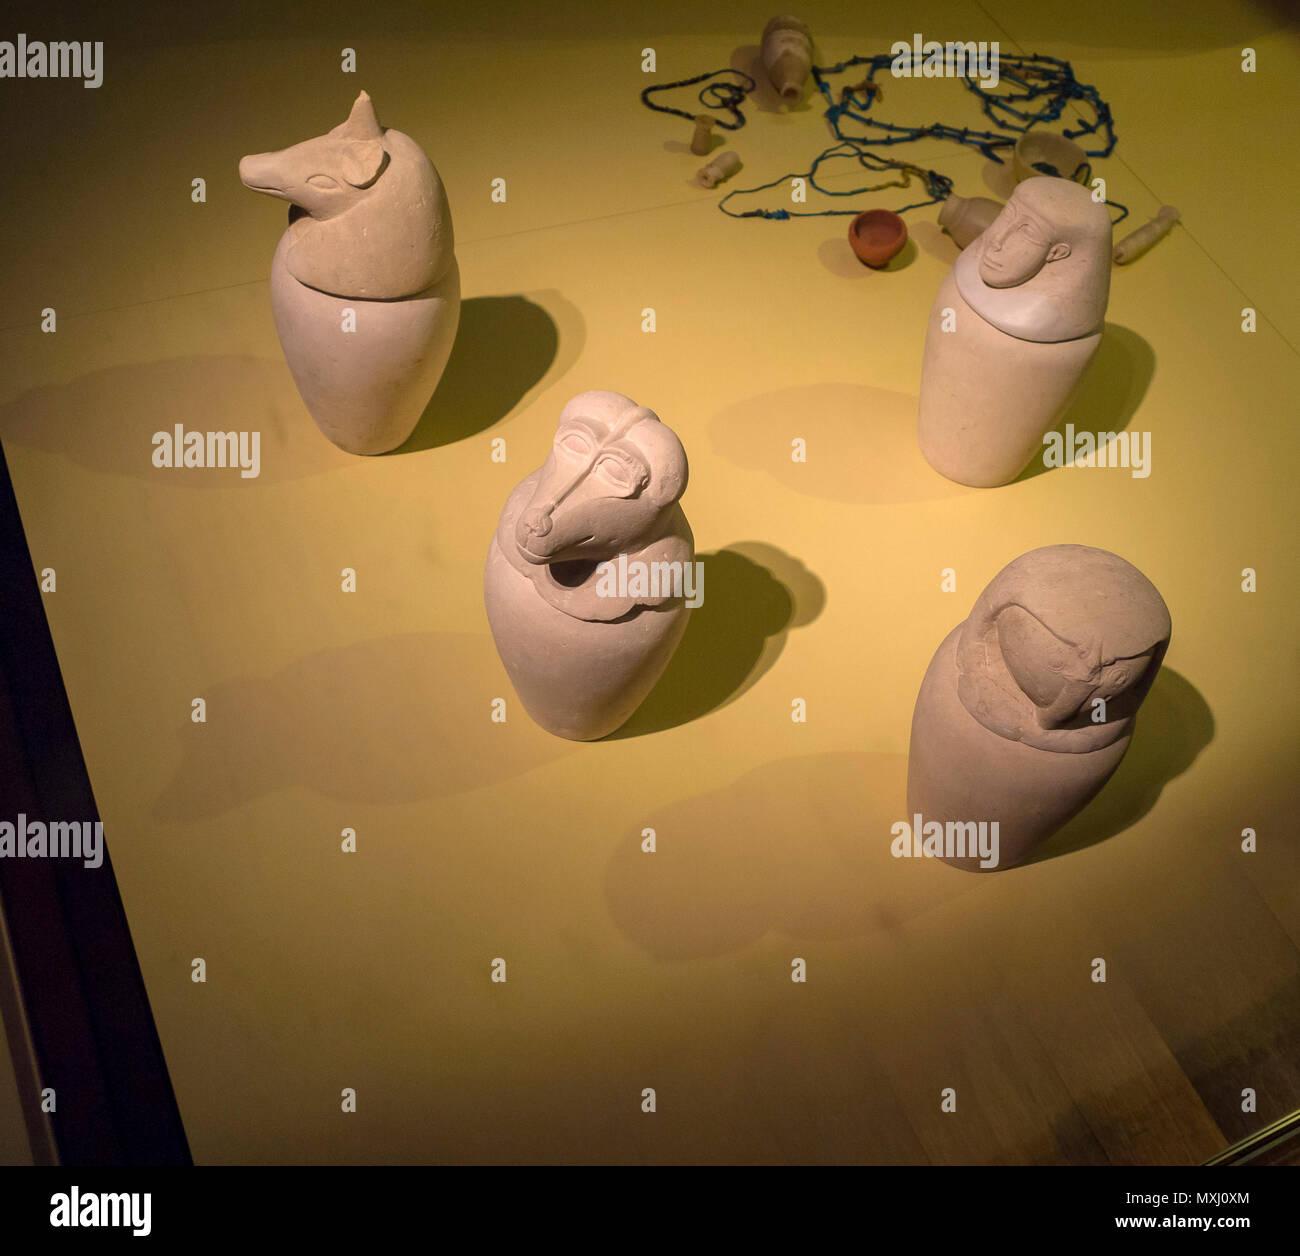 Vasos canopos en piedra caliza del siglo VIII antes de Cristo. Museo Arqueológico Nacional de la ciudad de Madrid, España. - Stock Image